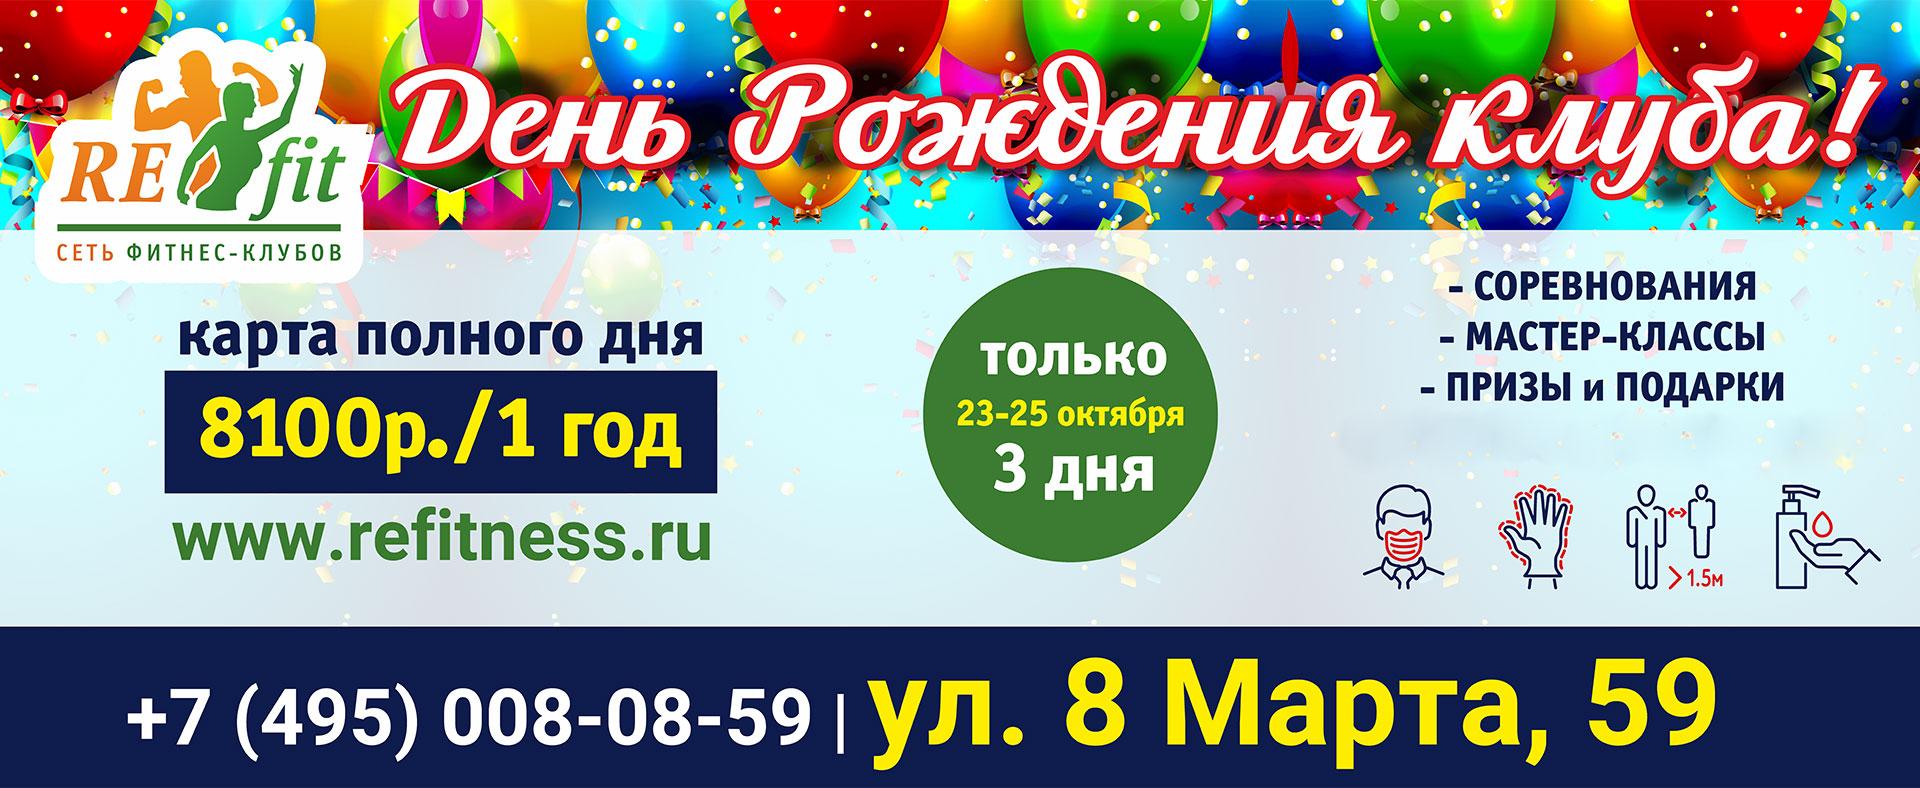 День рождения клуба RE:fit 8 марта!